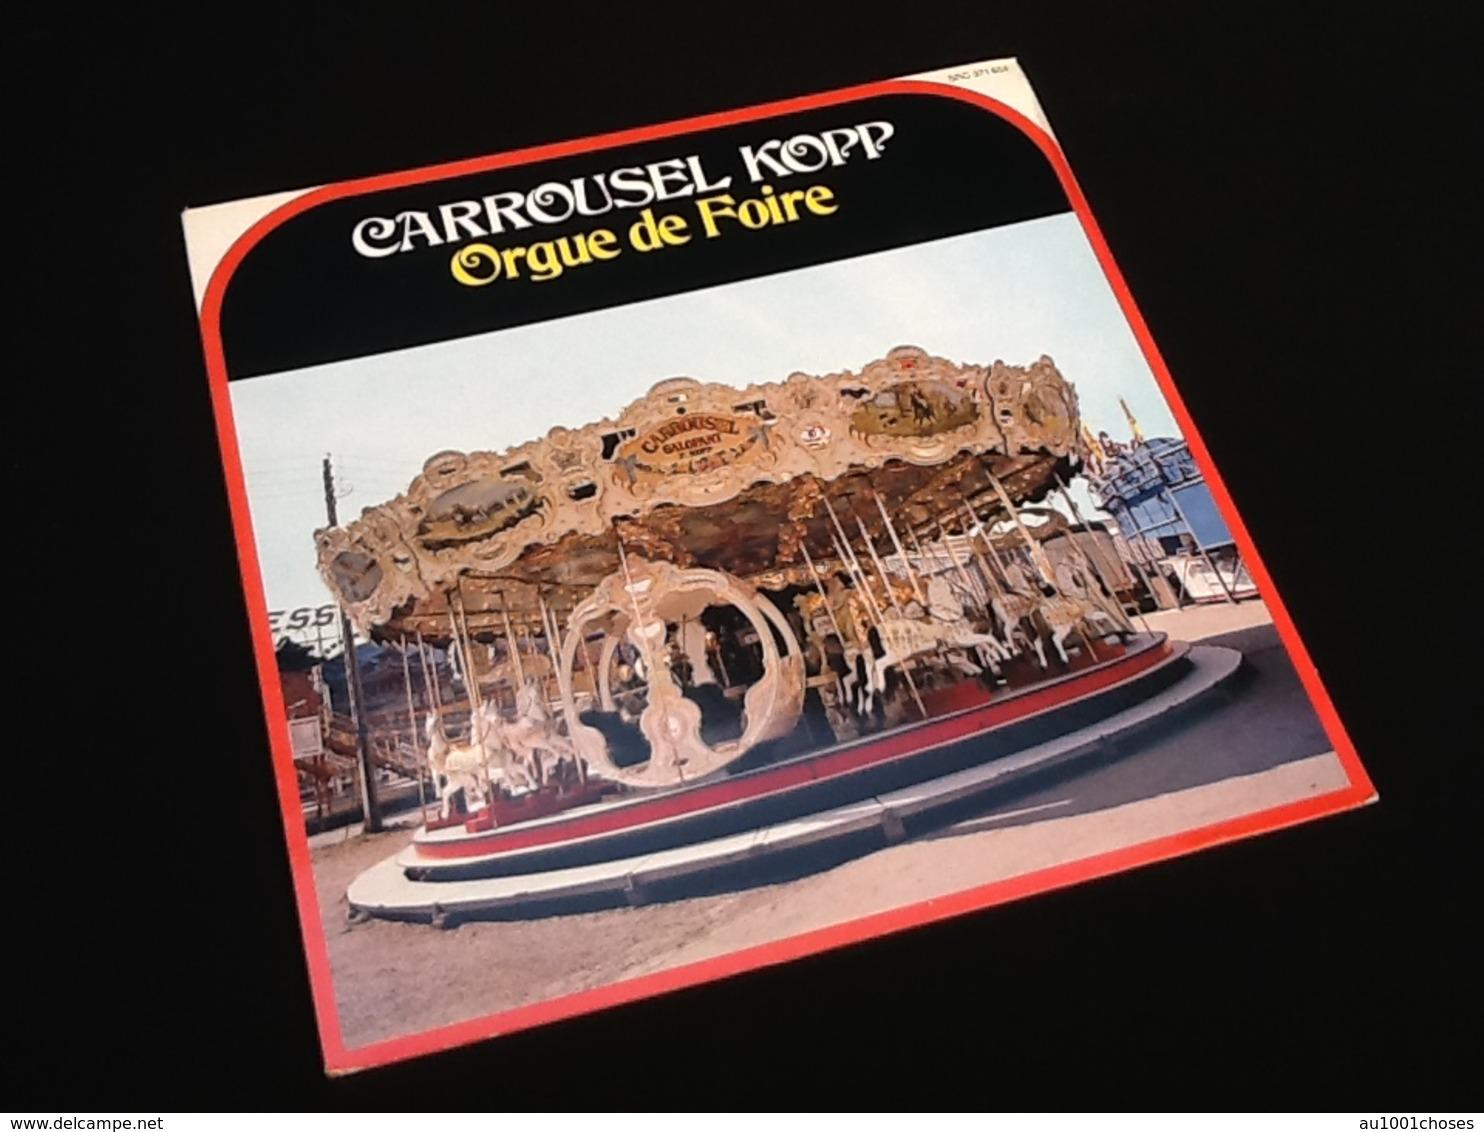 Vinyle 33 Tours  Carrousel Kopp   Orgue De Foire - Vinyl Records